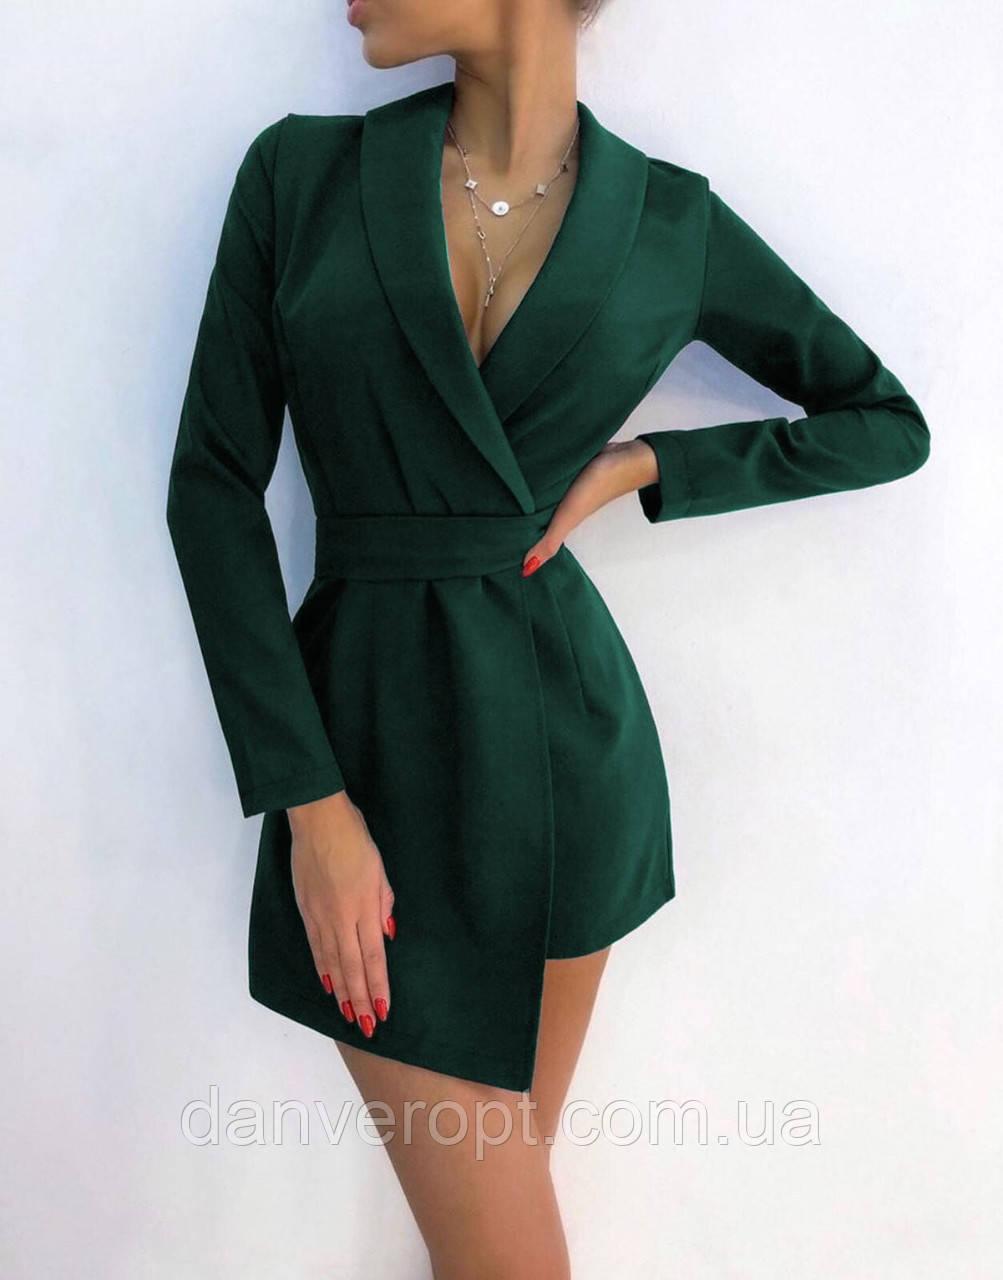 Платье женское модное стильное на запах размер 42-46 купить оптом со склада 7км Одесса